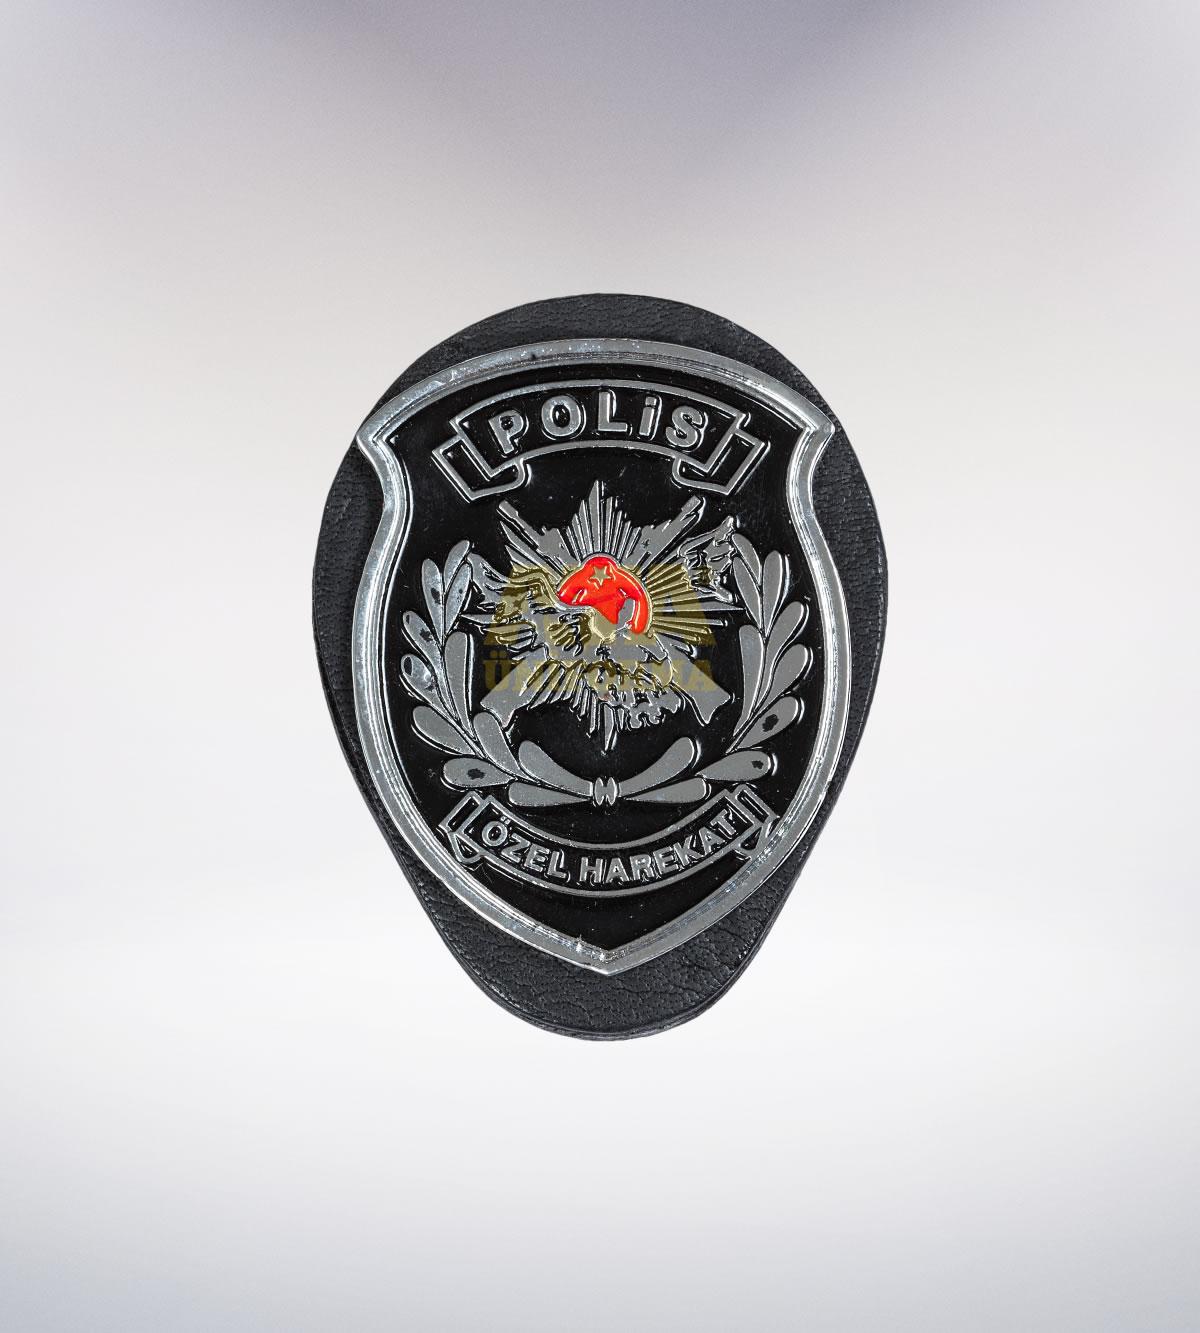 ATA-1085 Polis metal rozet - polis elbiseleri | polis  üniformaları | polis kıyafetleri